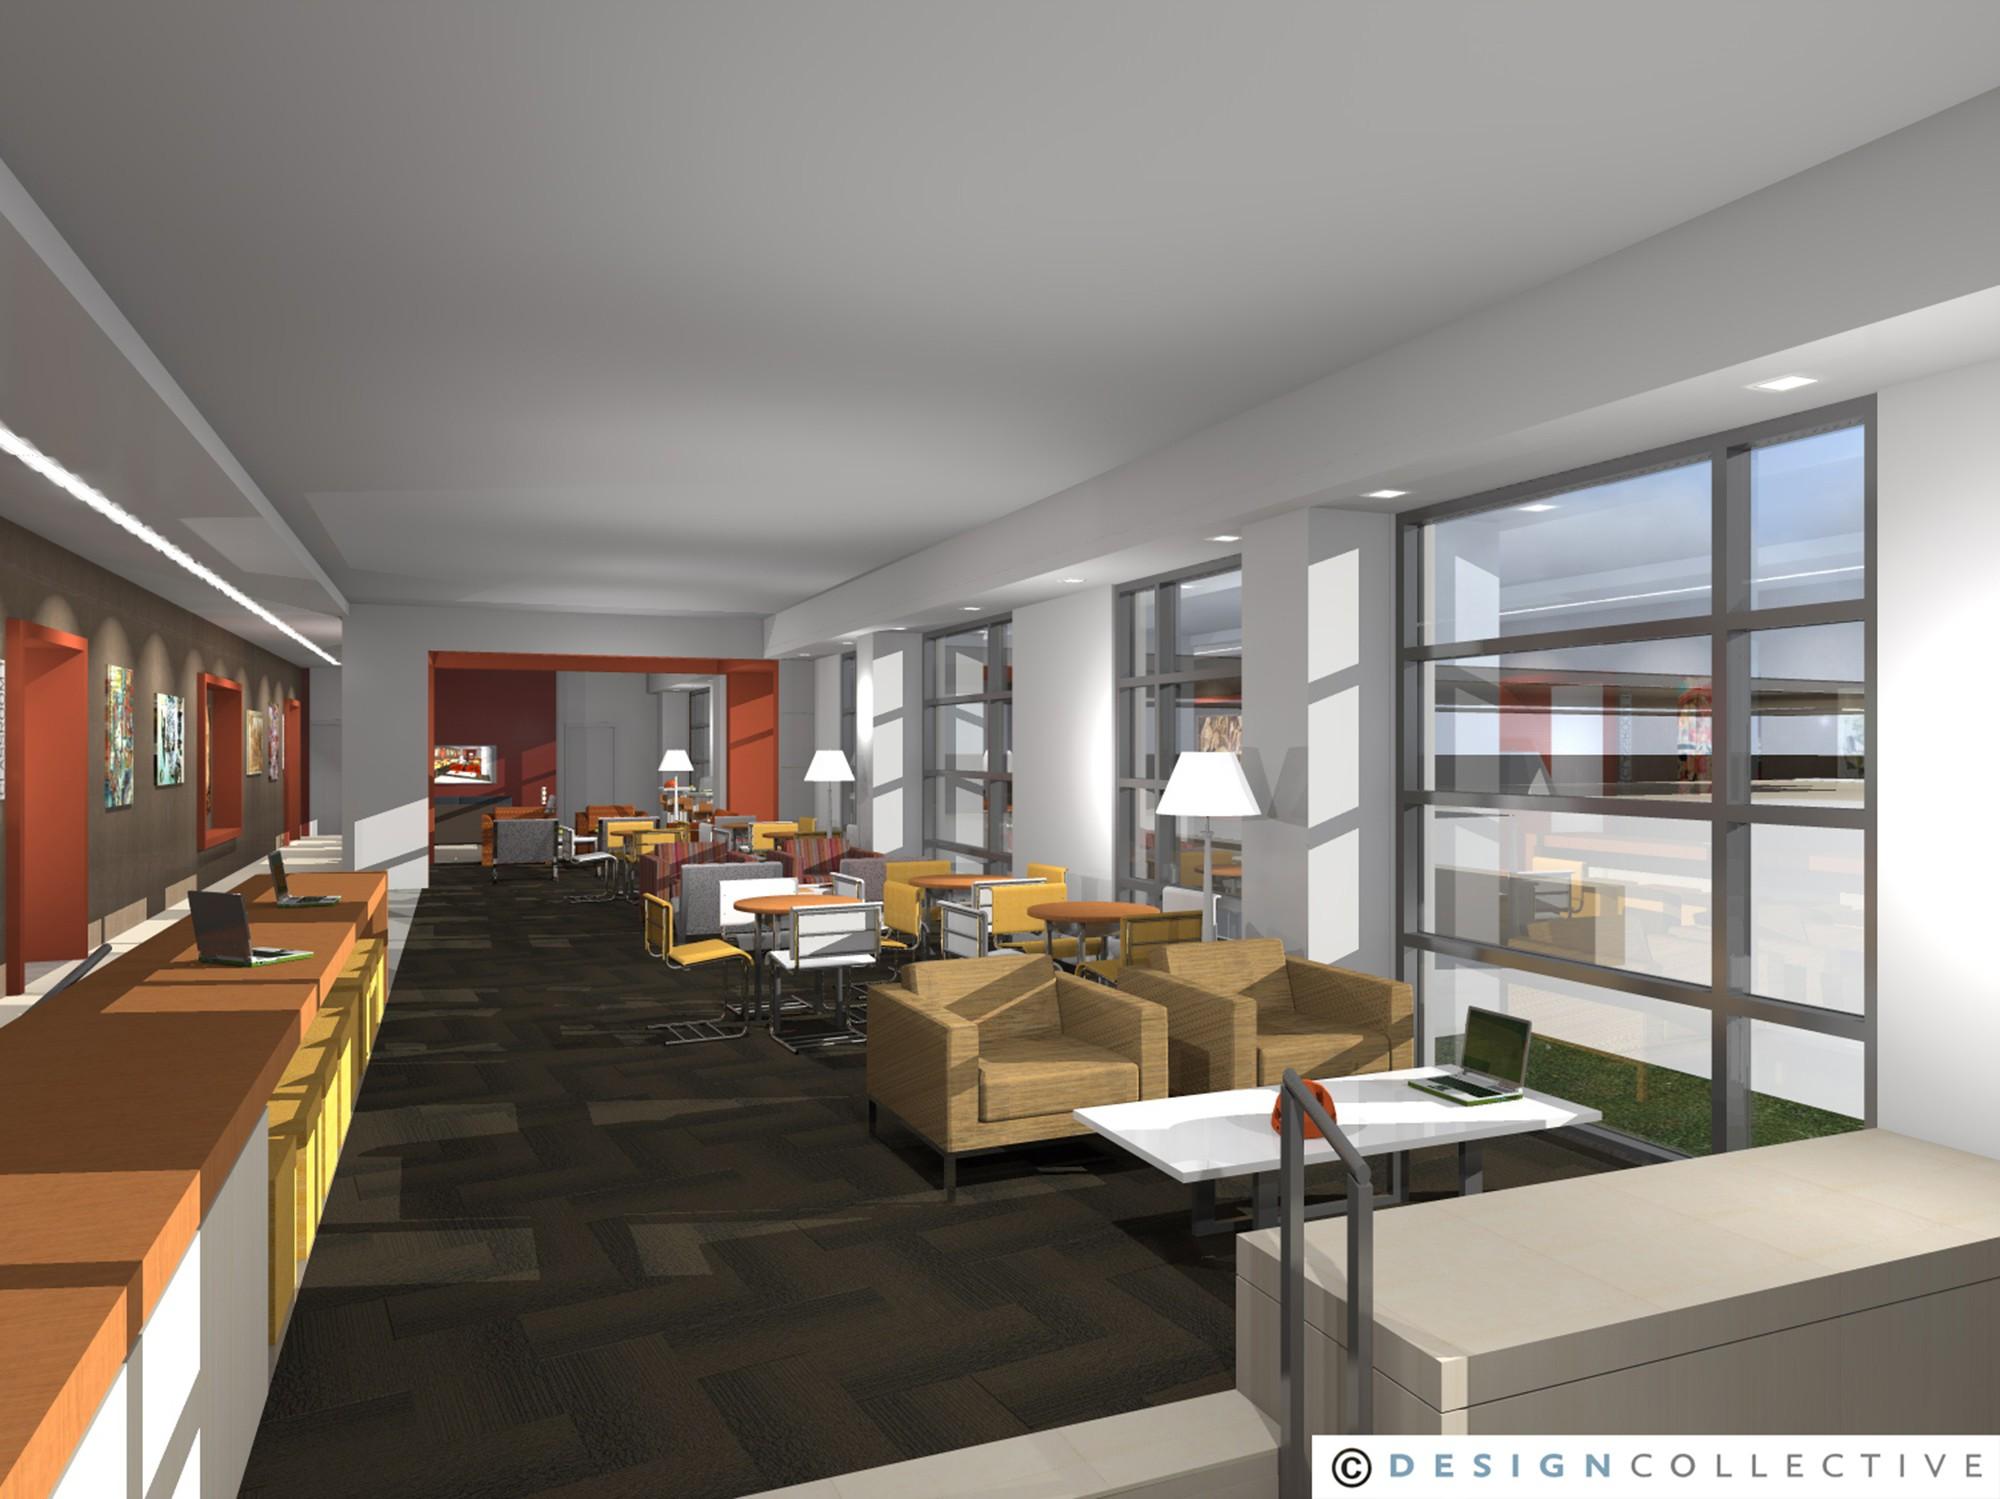 Rutgers University Dorms